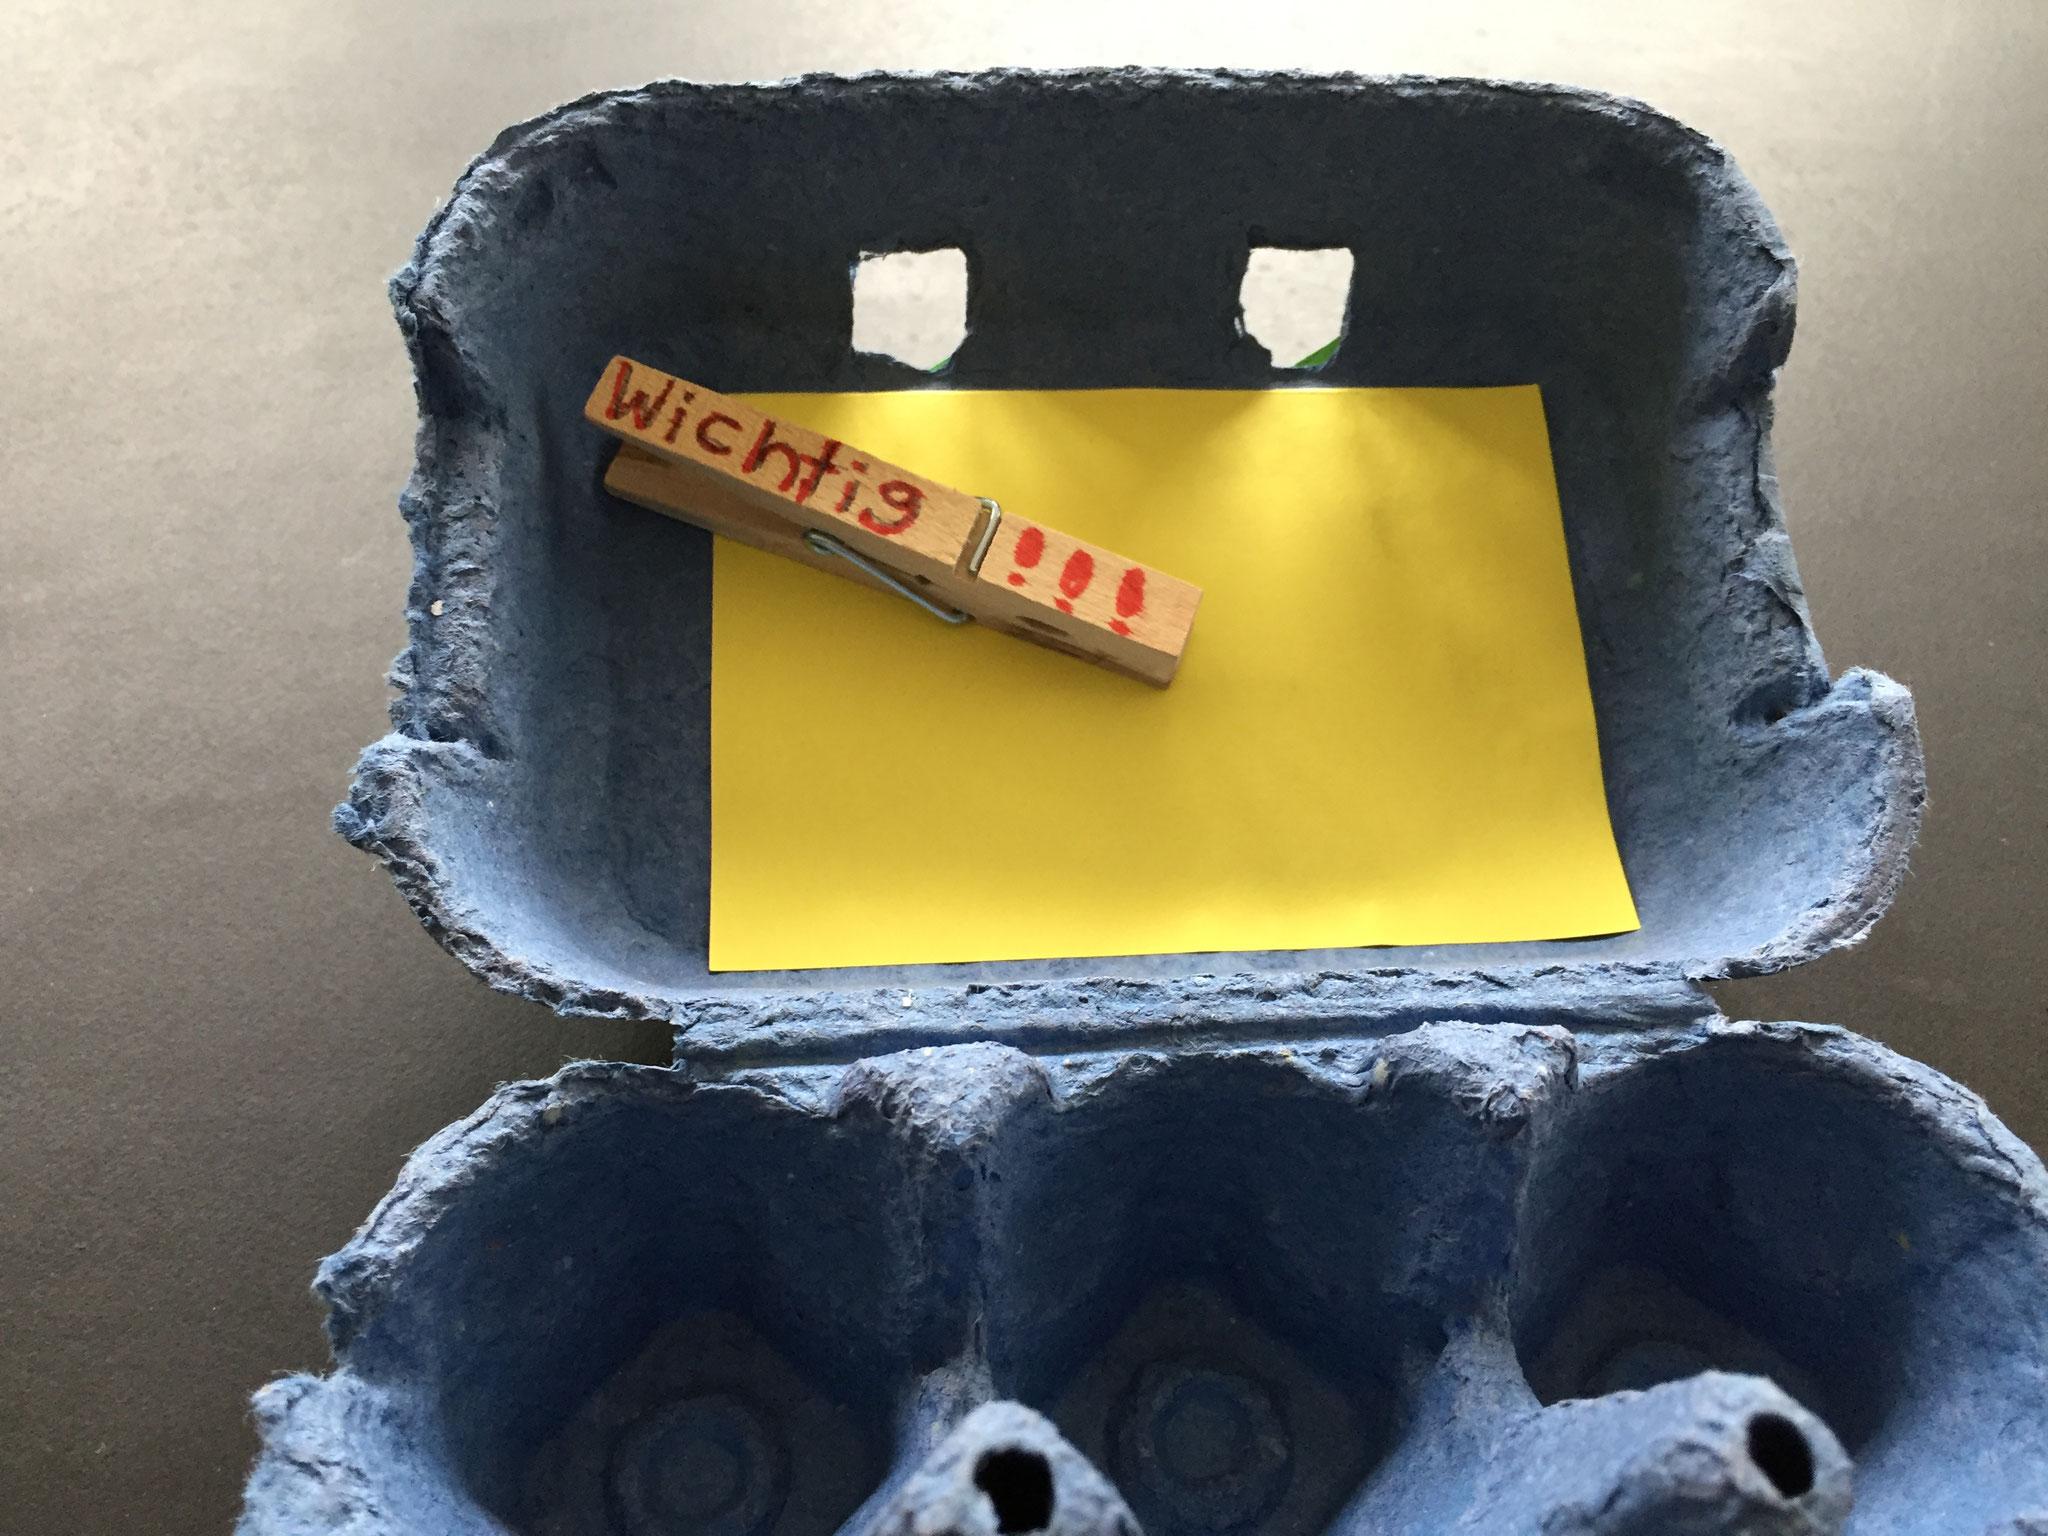 Du klebst die Klammer in den Deckel. Pass auf, dass sich die Schachtel noch gut schliessen lässt. Wenn nicht, musst du die Klammer verschieben.